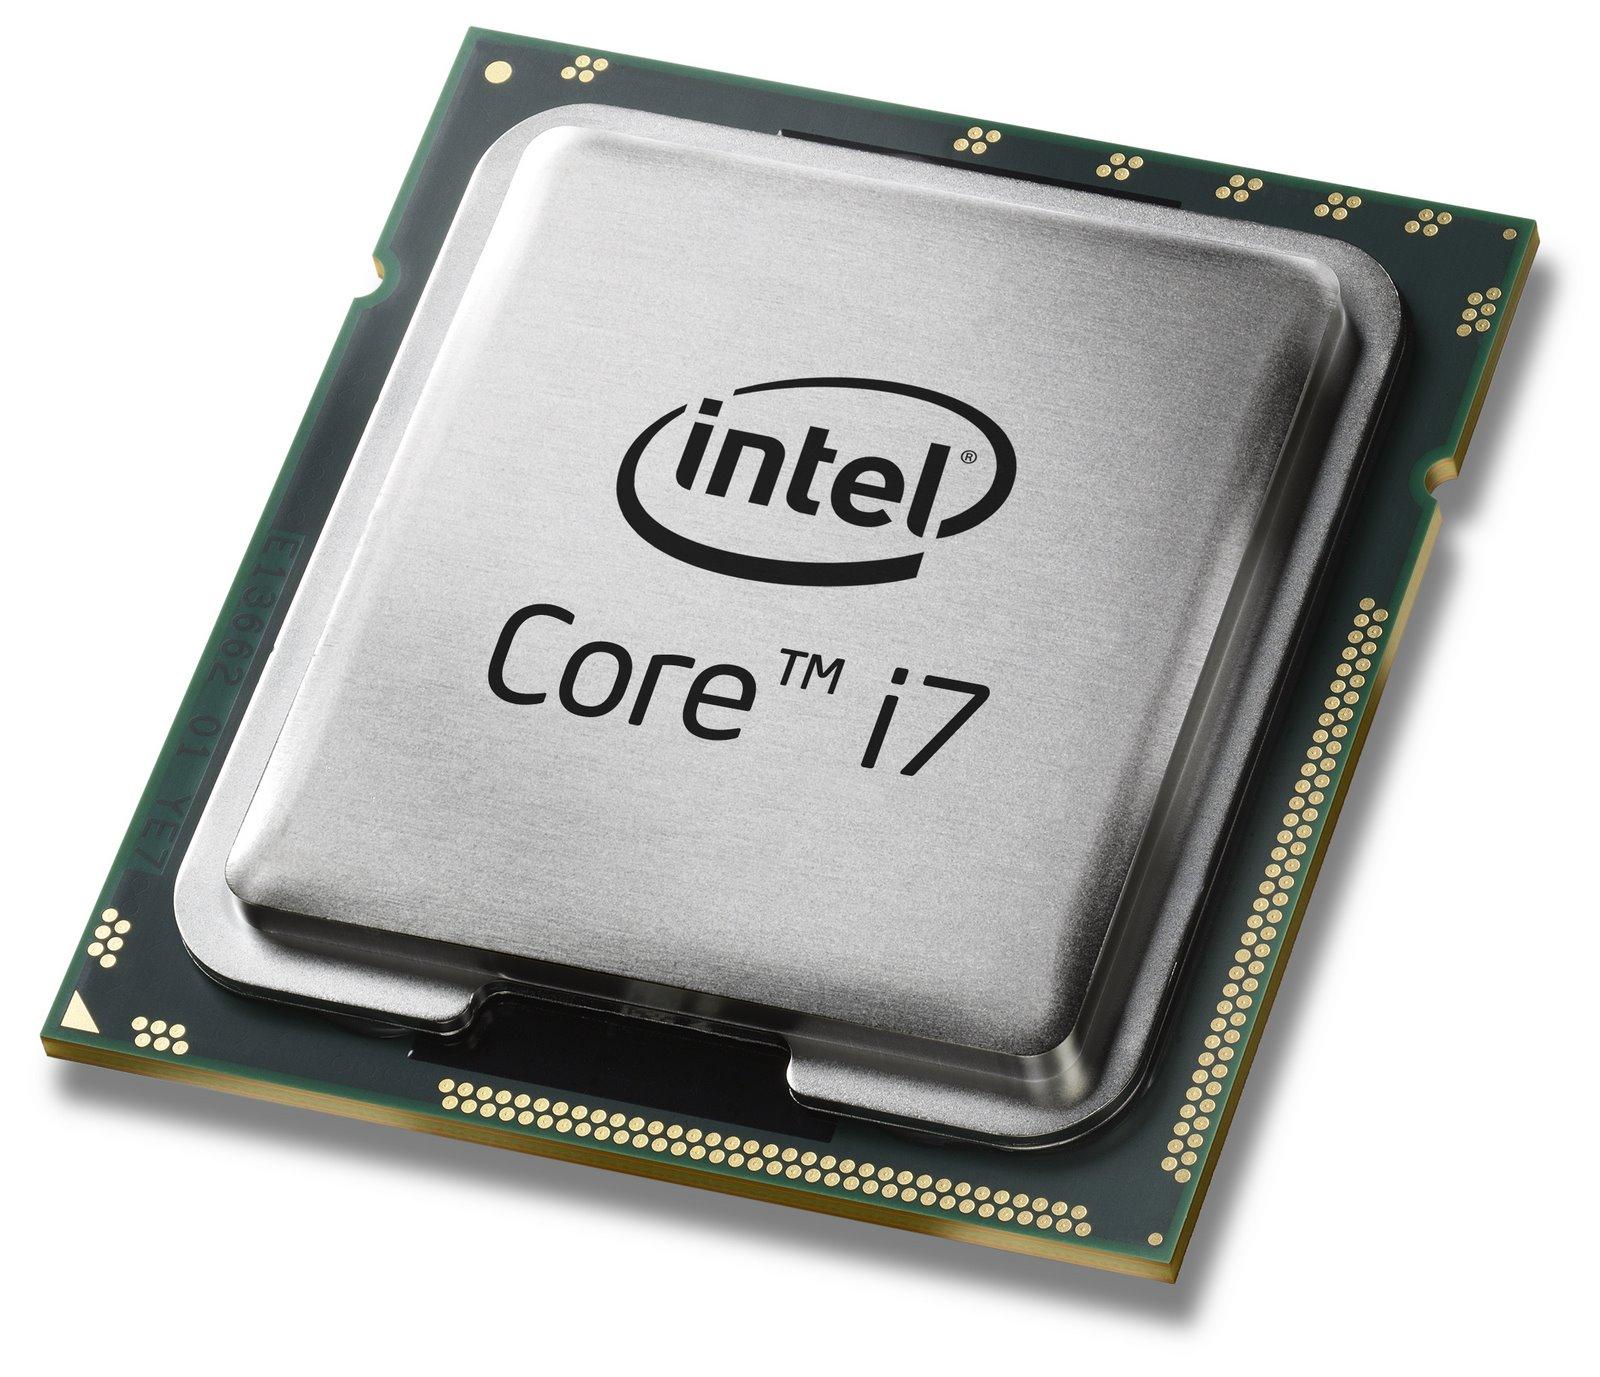 http://1.bp.blogspot.com/-JmetLBUA5o4/UMReyAocRQI/AAAAAAAAEDQ/SZokp4C_O7s/s1600/Intel-718028.jpg